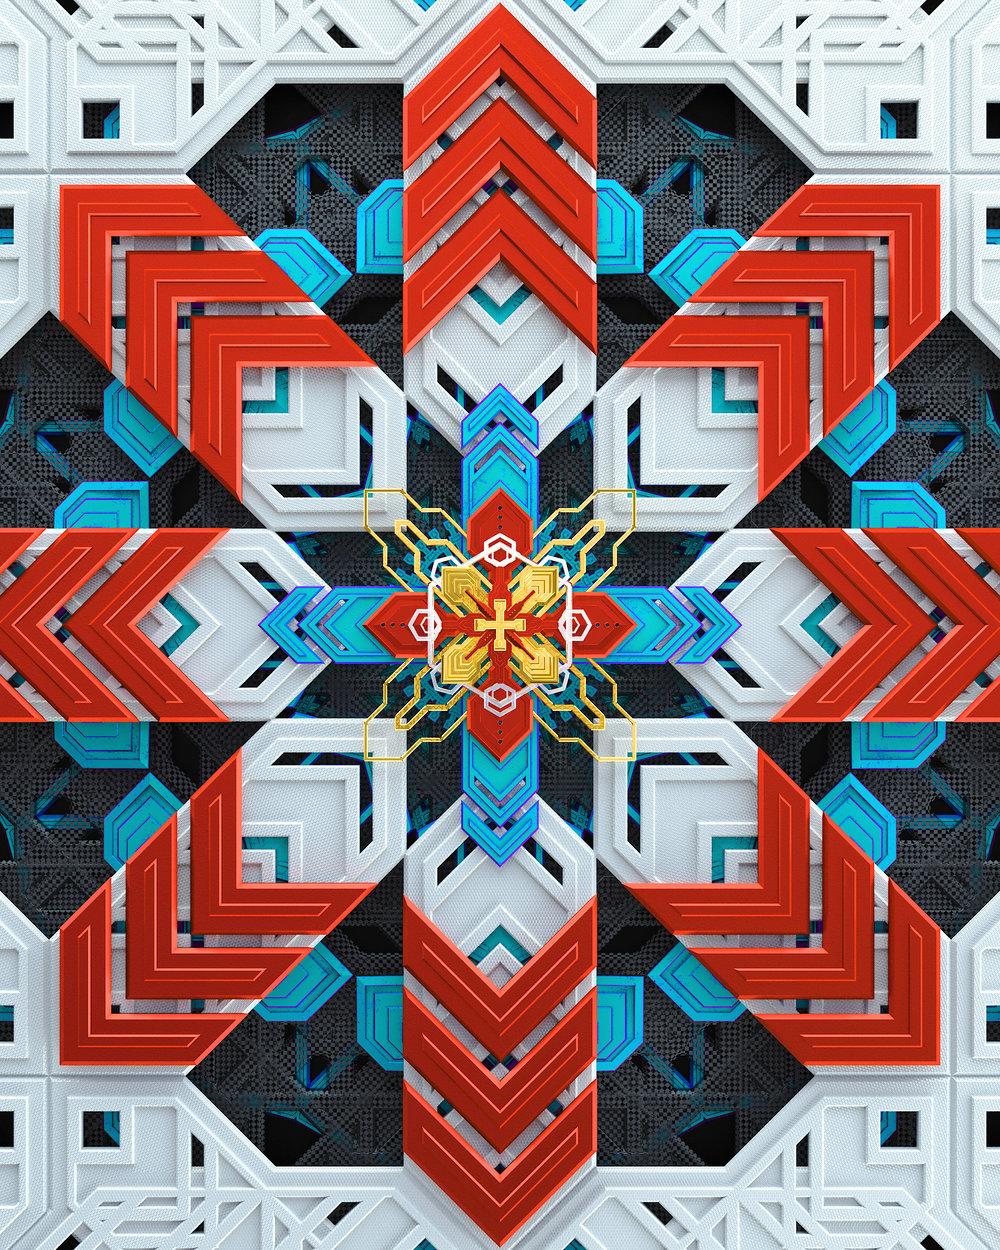 [14-03-18] - Mandala #2 (Still).jpg